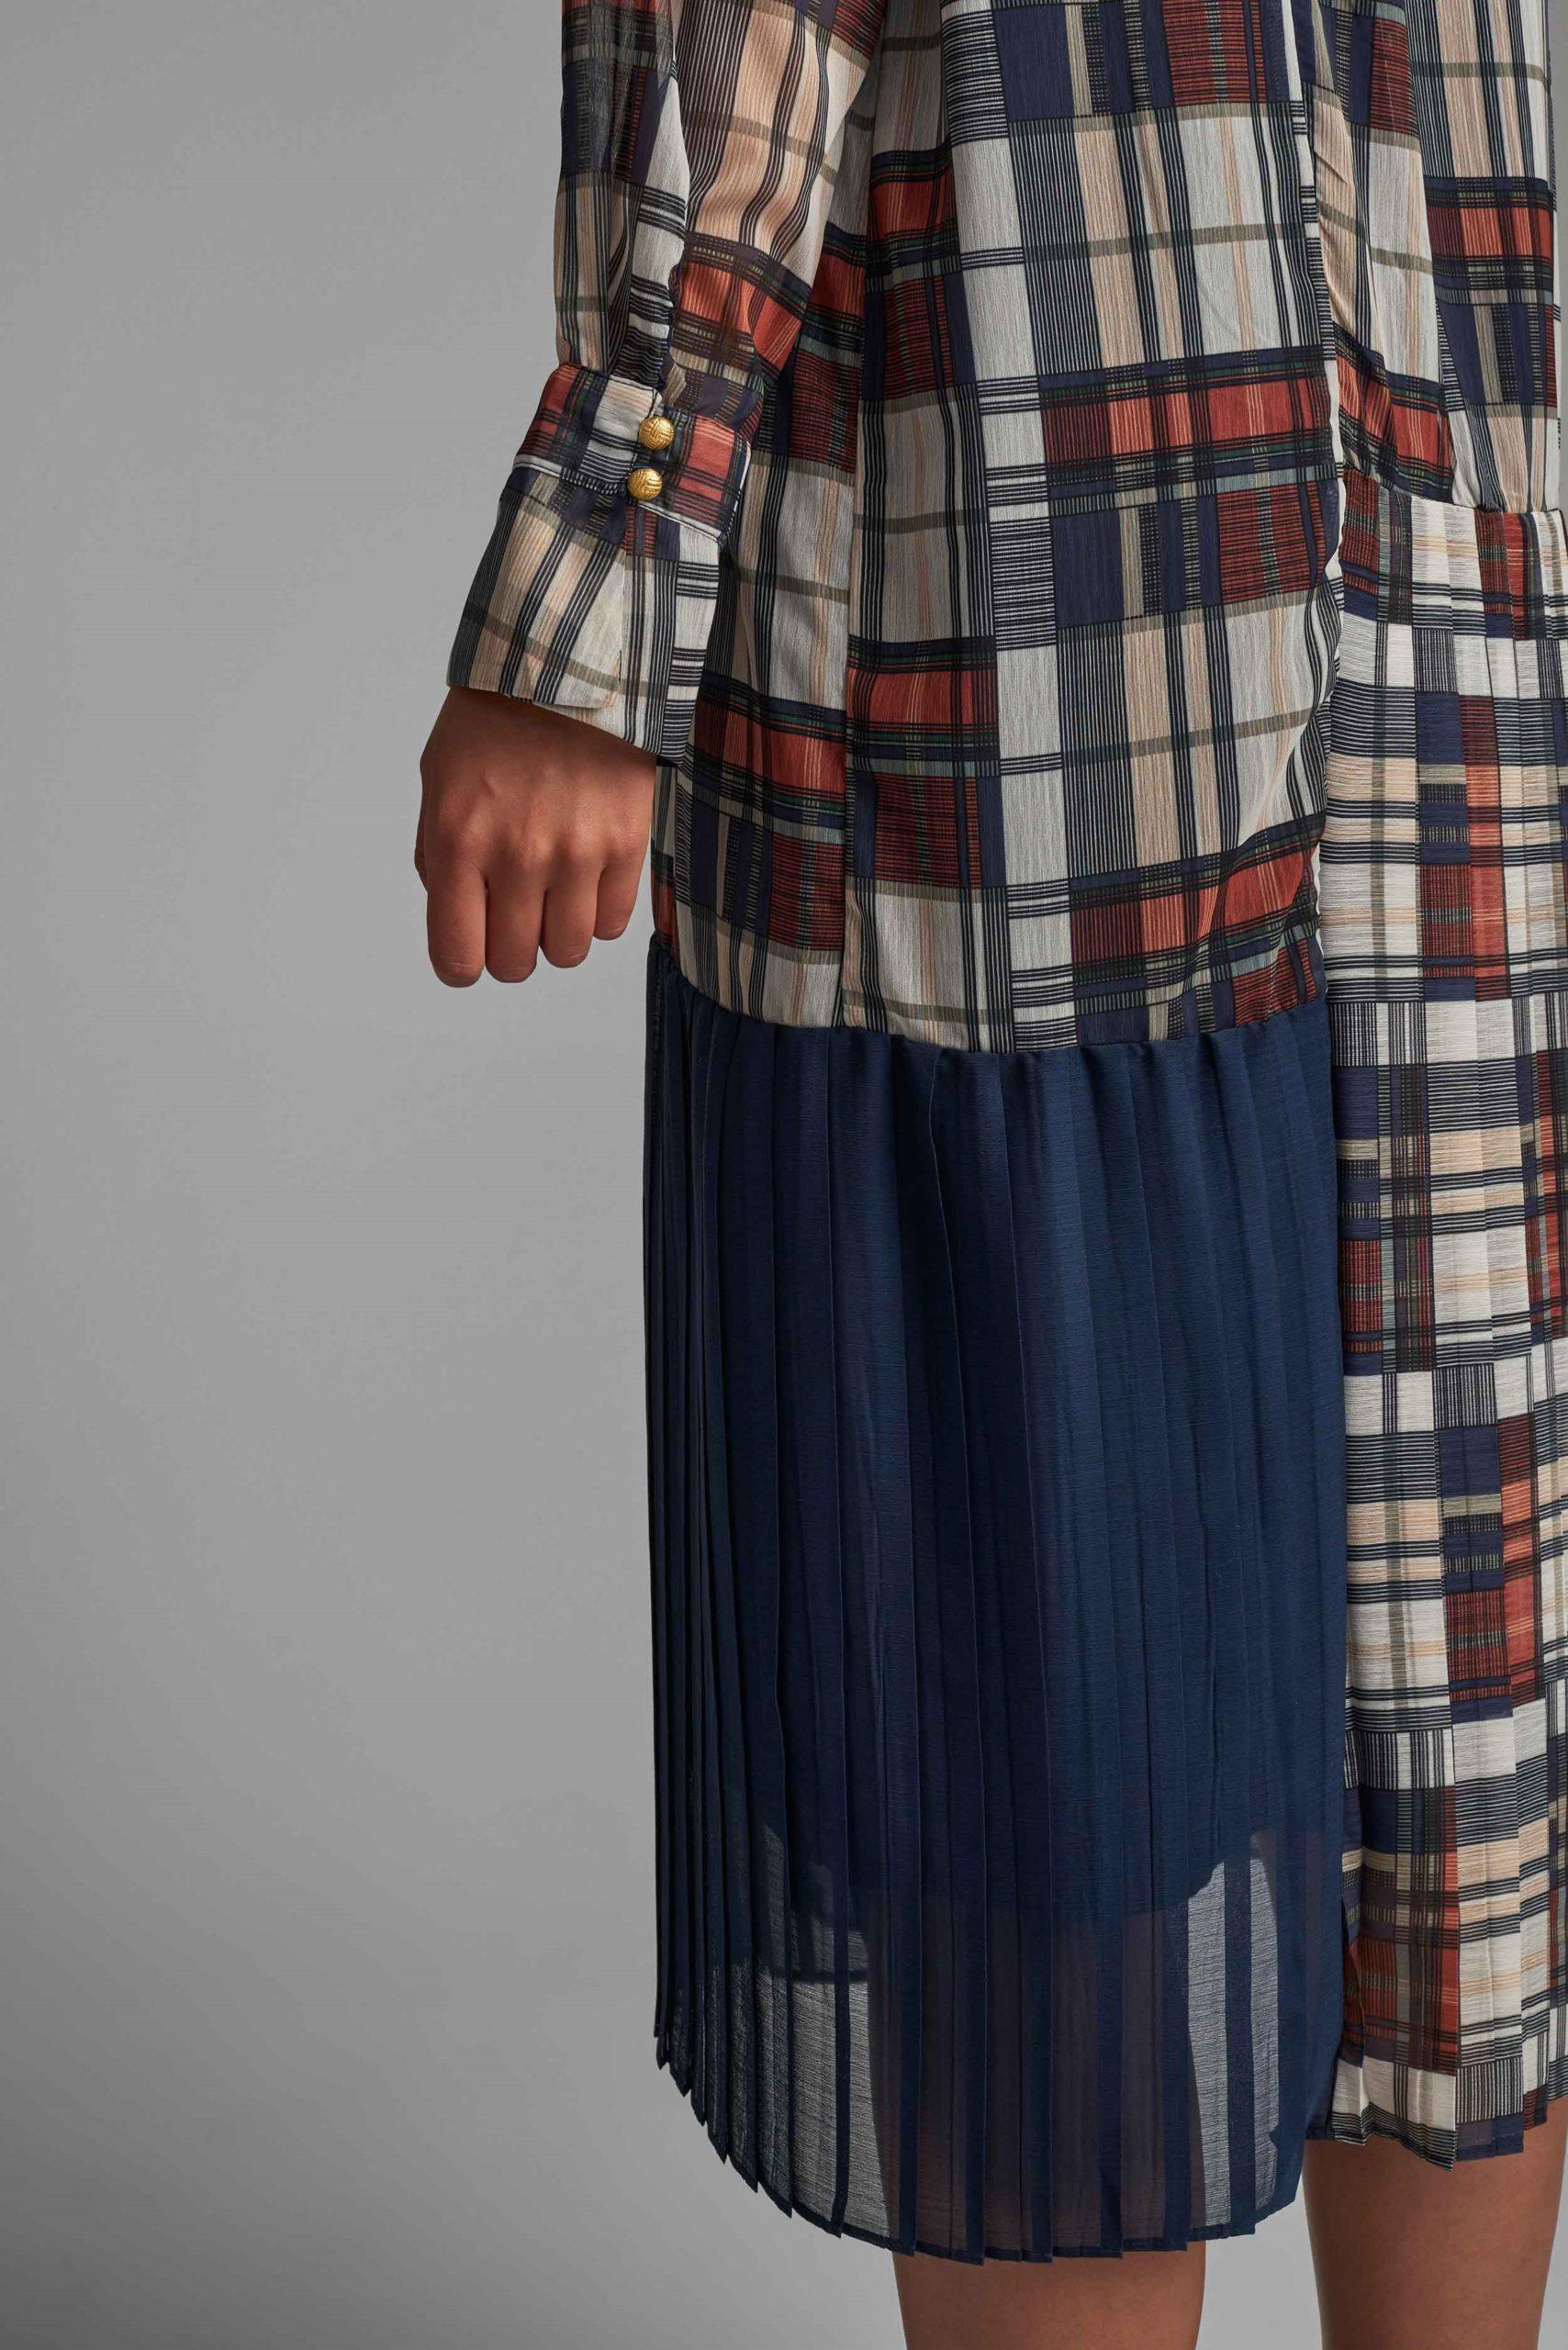 moda circular, armario circular, armario sostenible, armario capsula mujer, Fondo de armario mujer, Alquiler ropa mensual, ropa nueva cada mes.